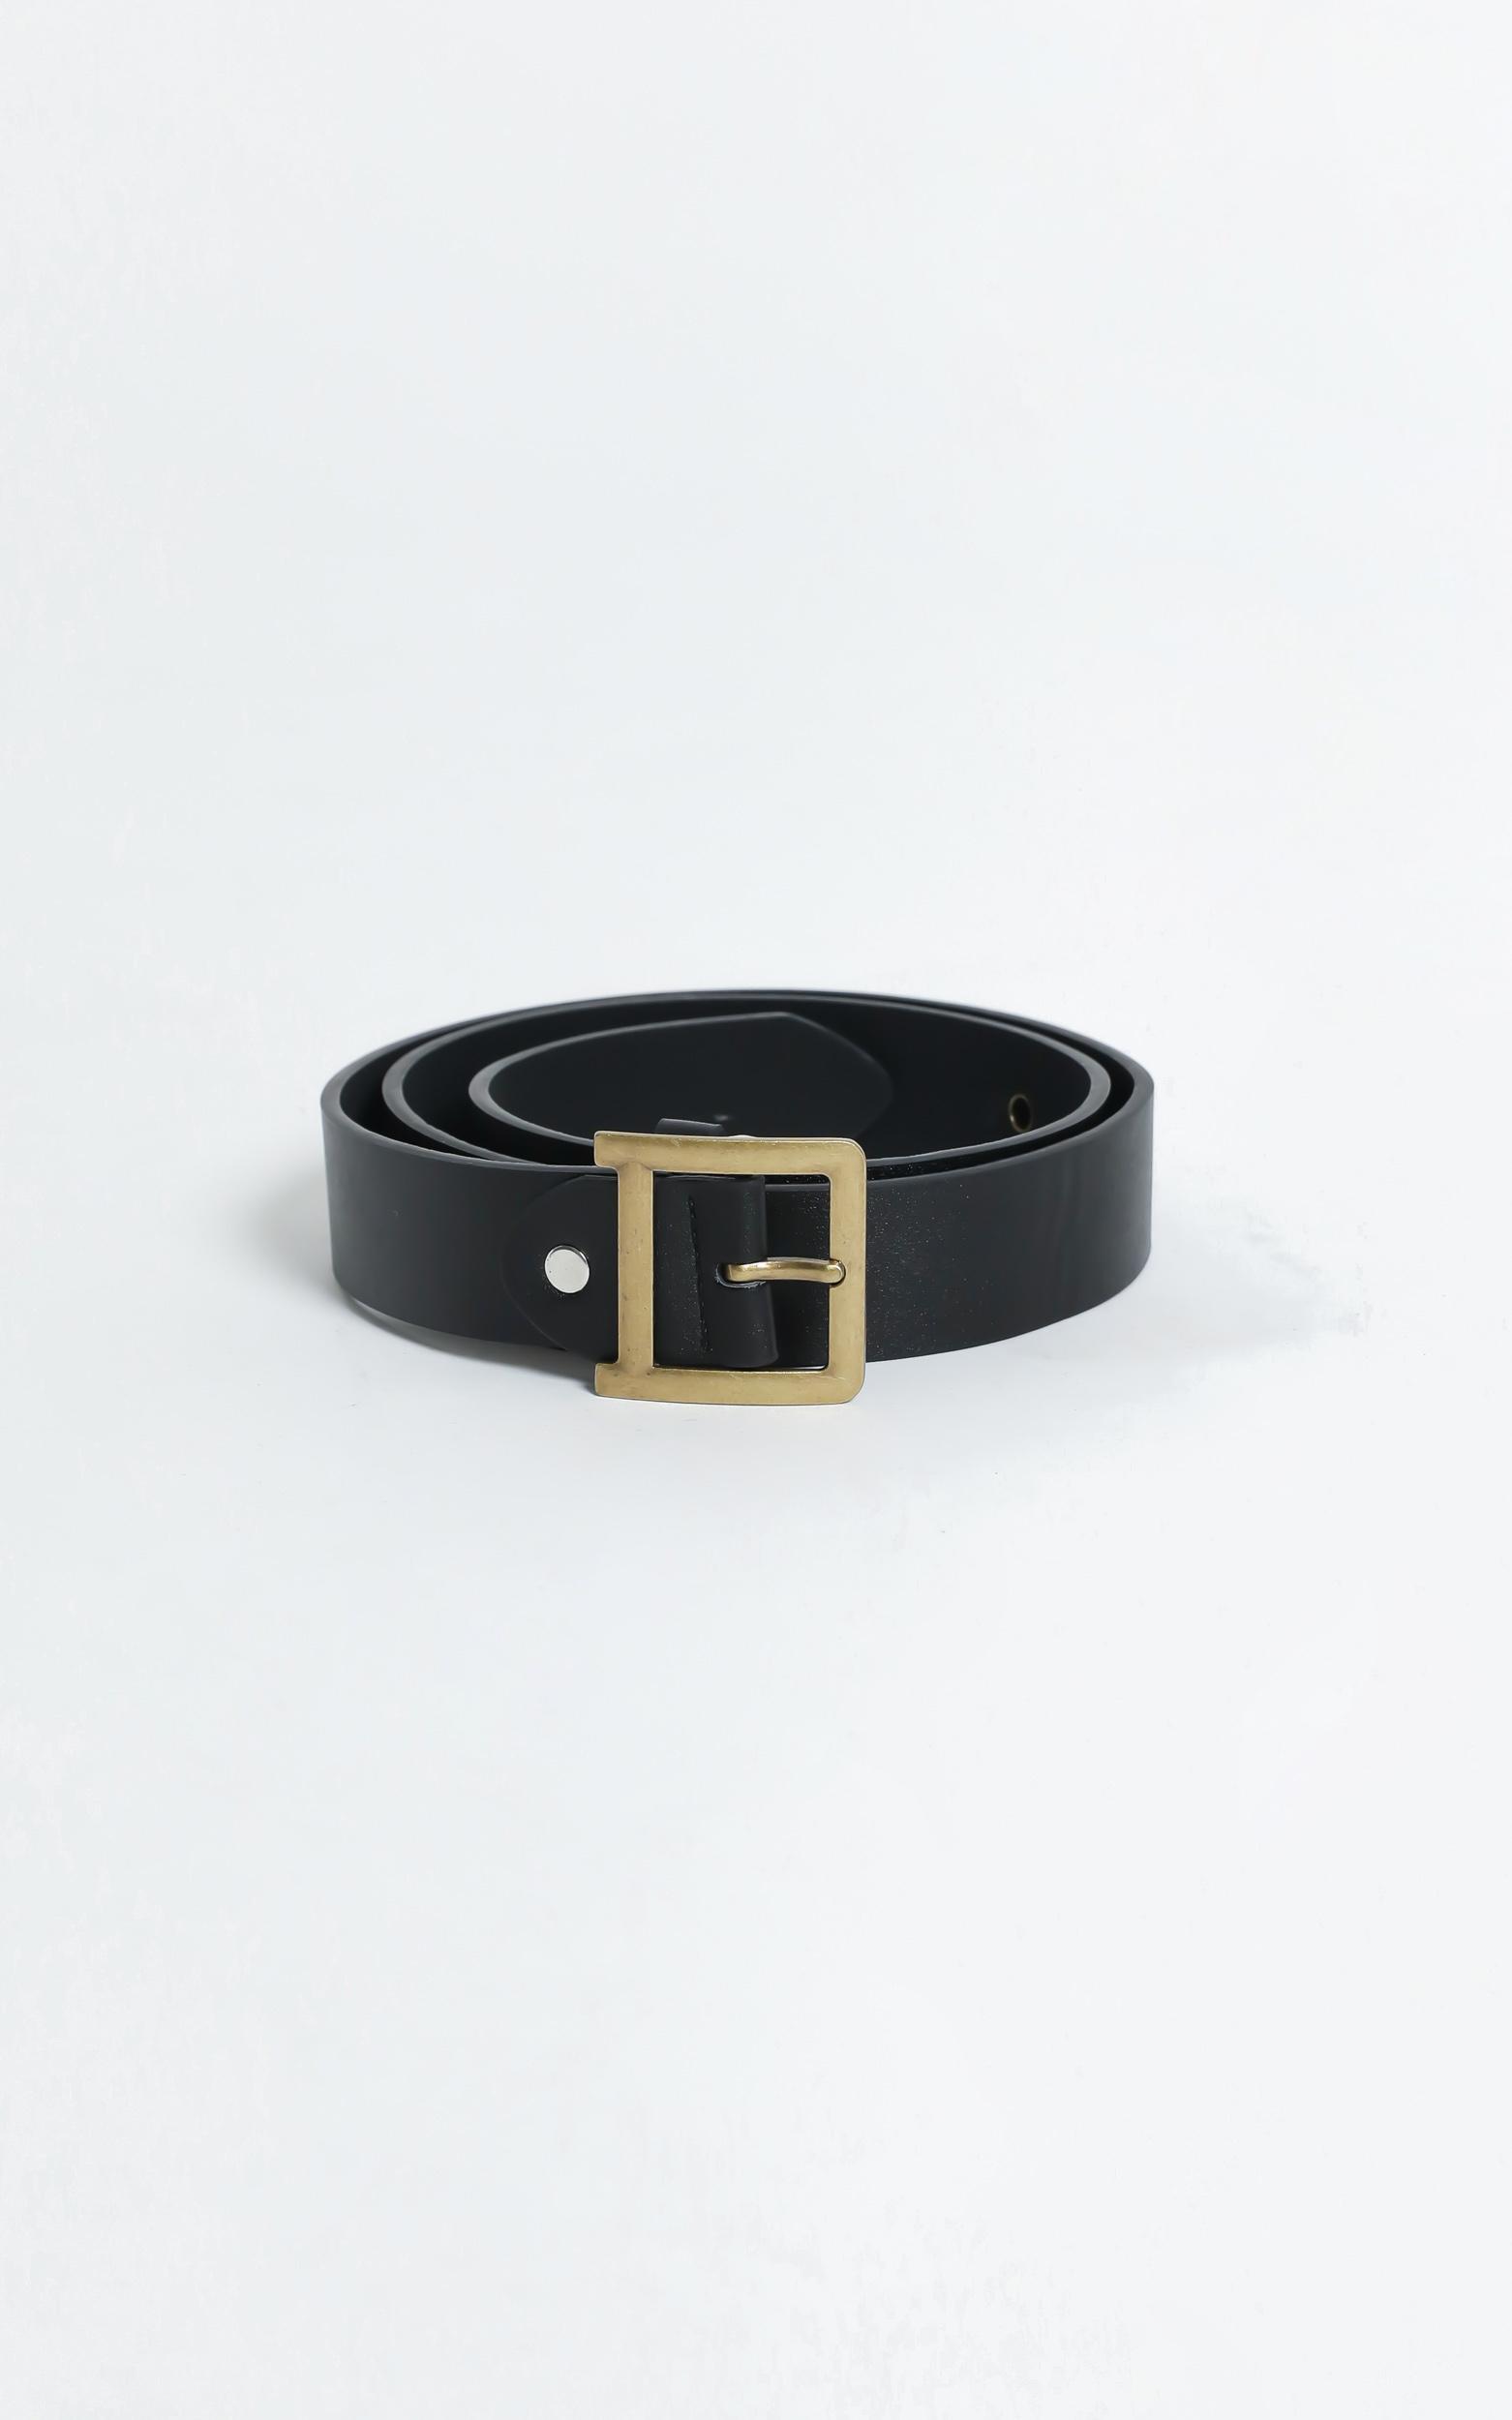 Stay Cool Belt in Black/Gold, BLK1, hi-res image number null